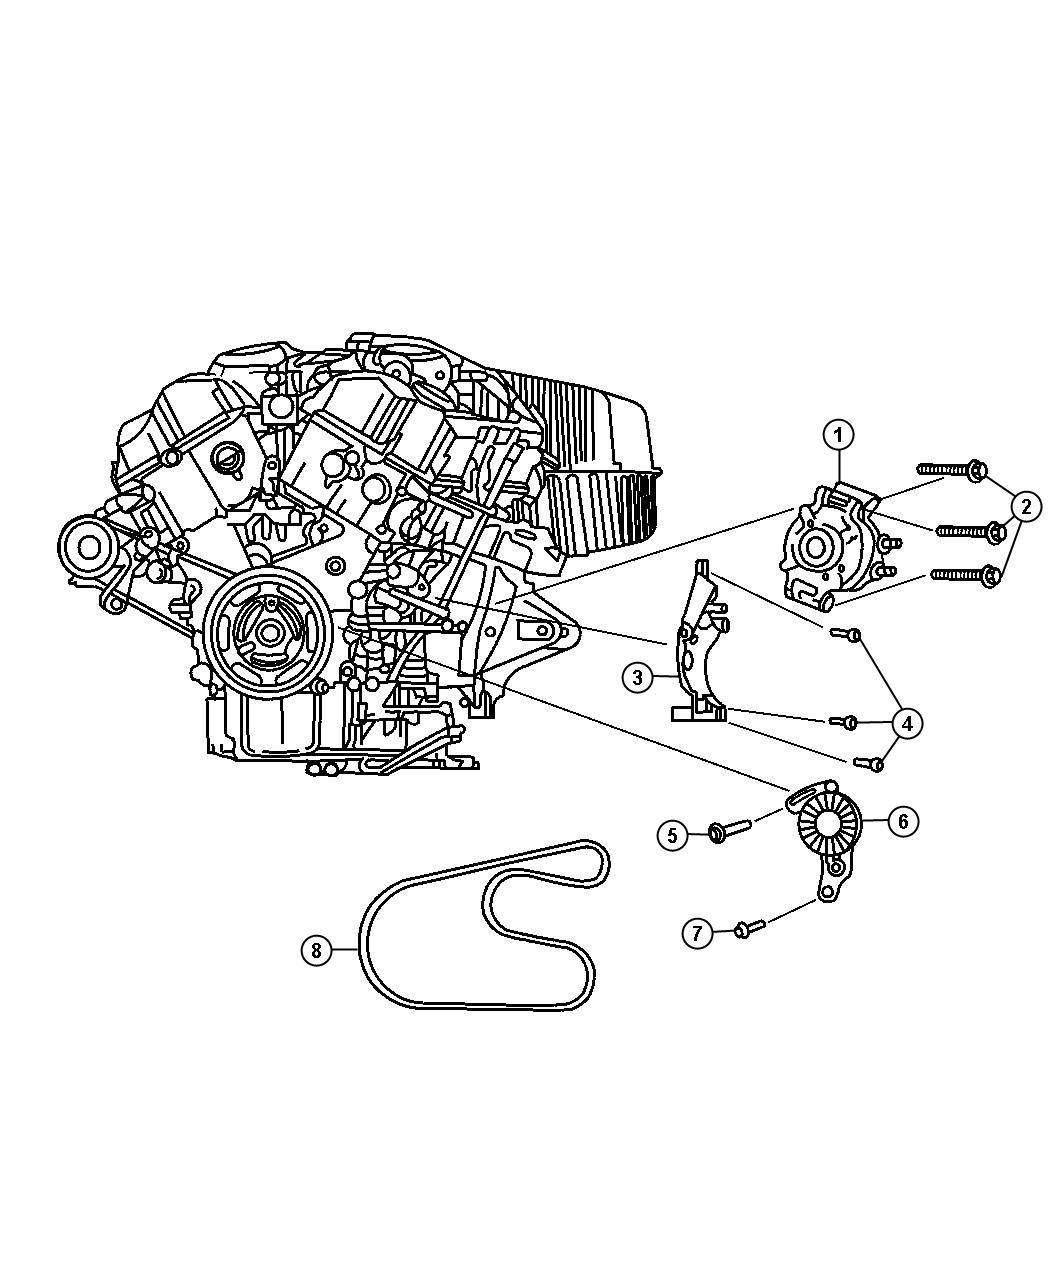 Chrysler Sebring Belt. Used for: alternator and a/c